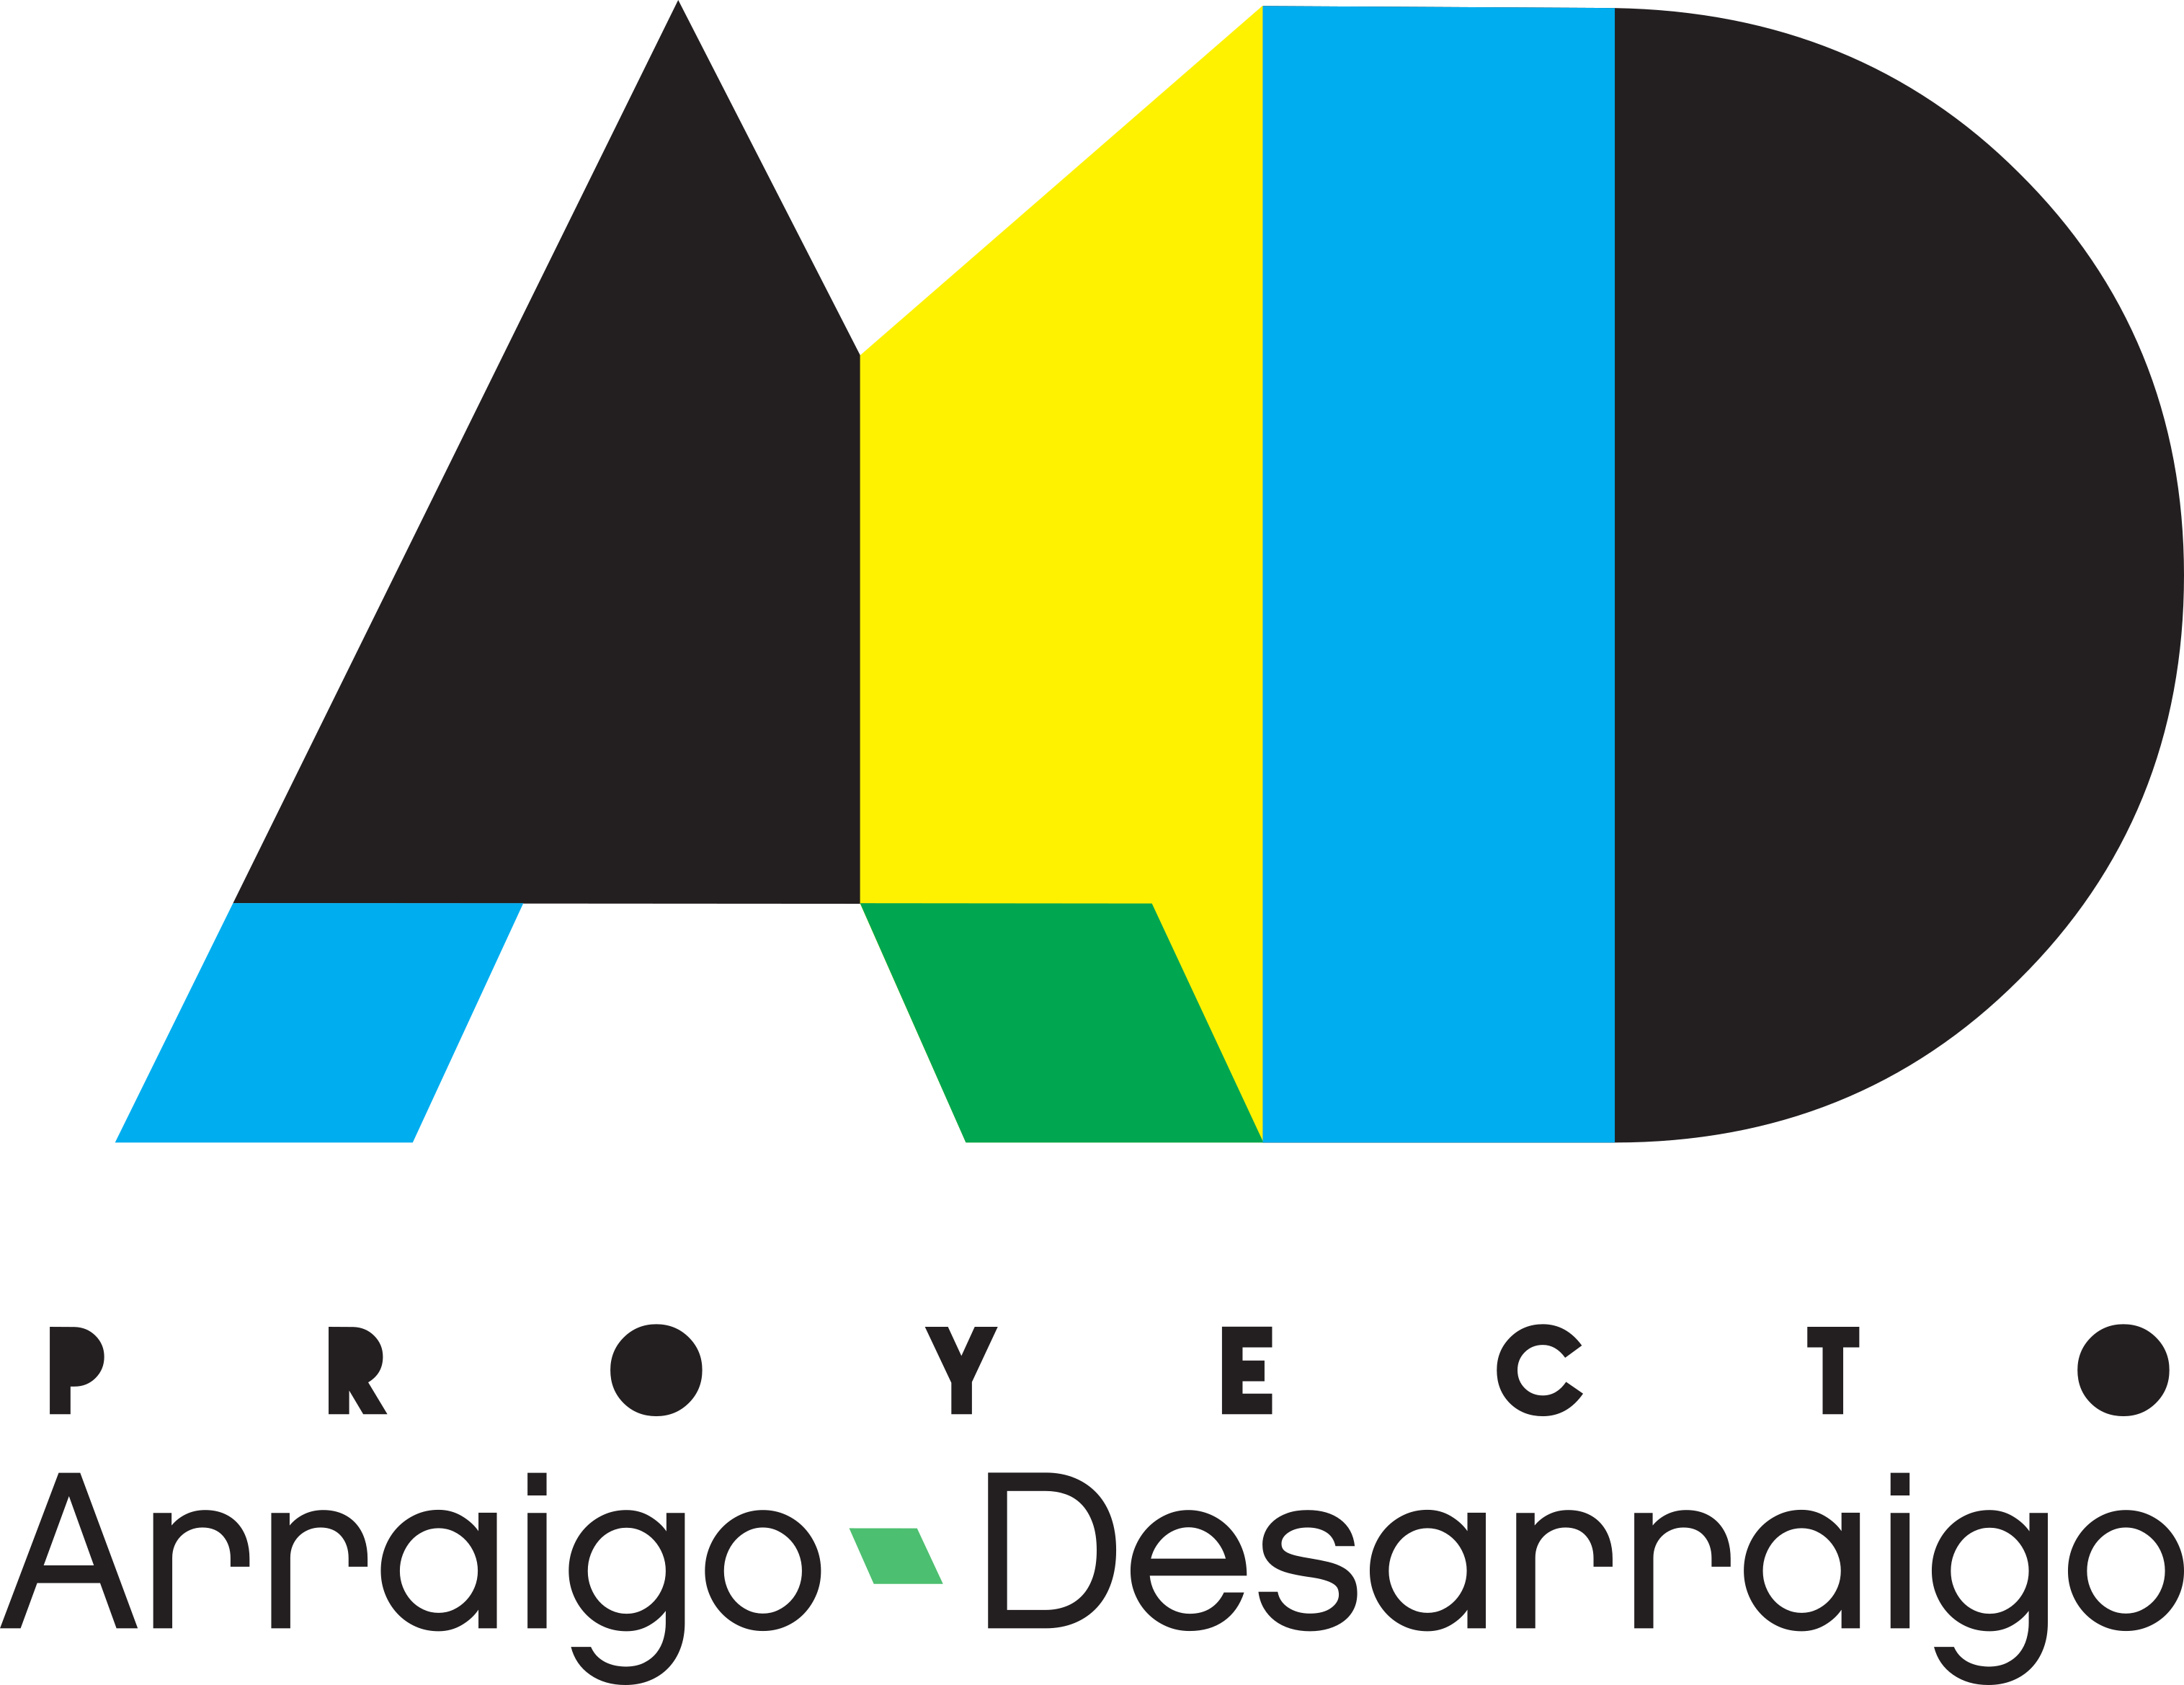 Proyecto Arraigo / Desarraigo